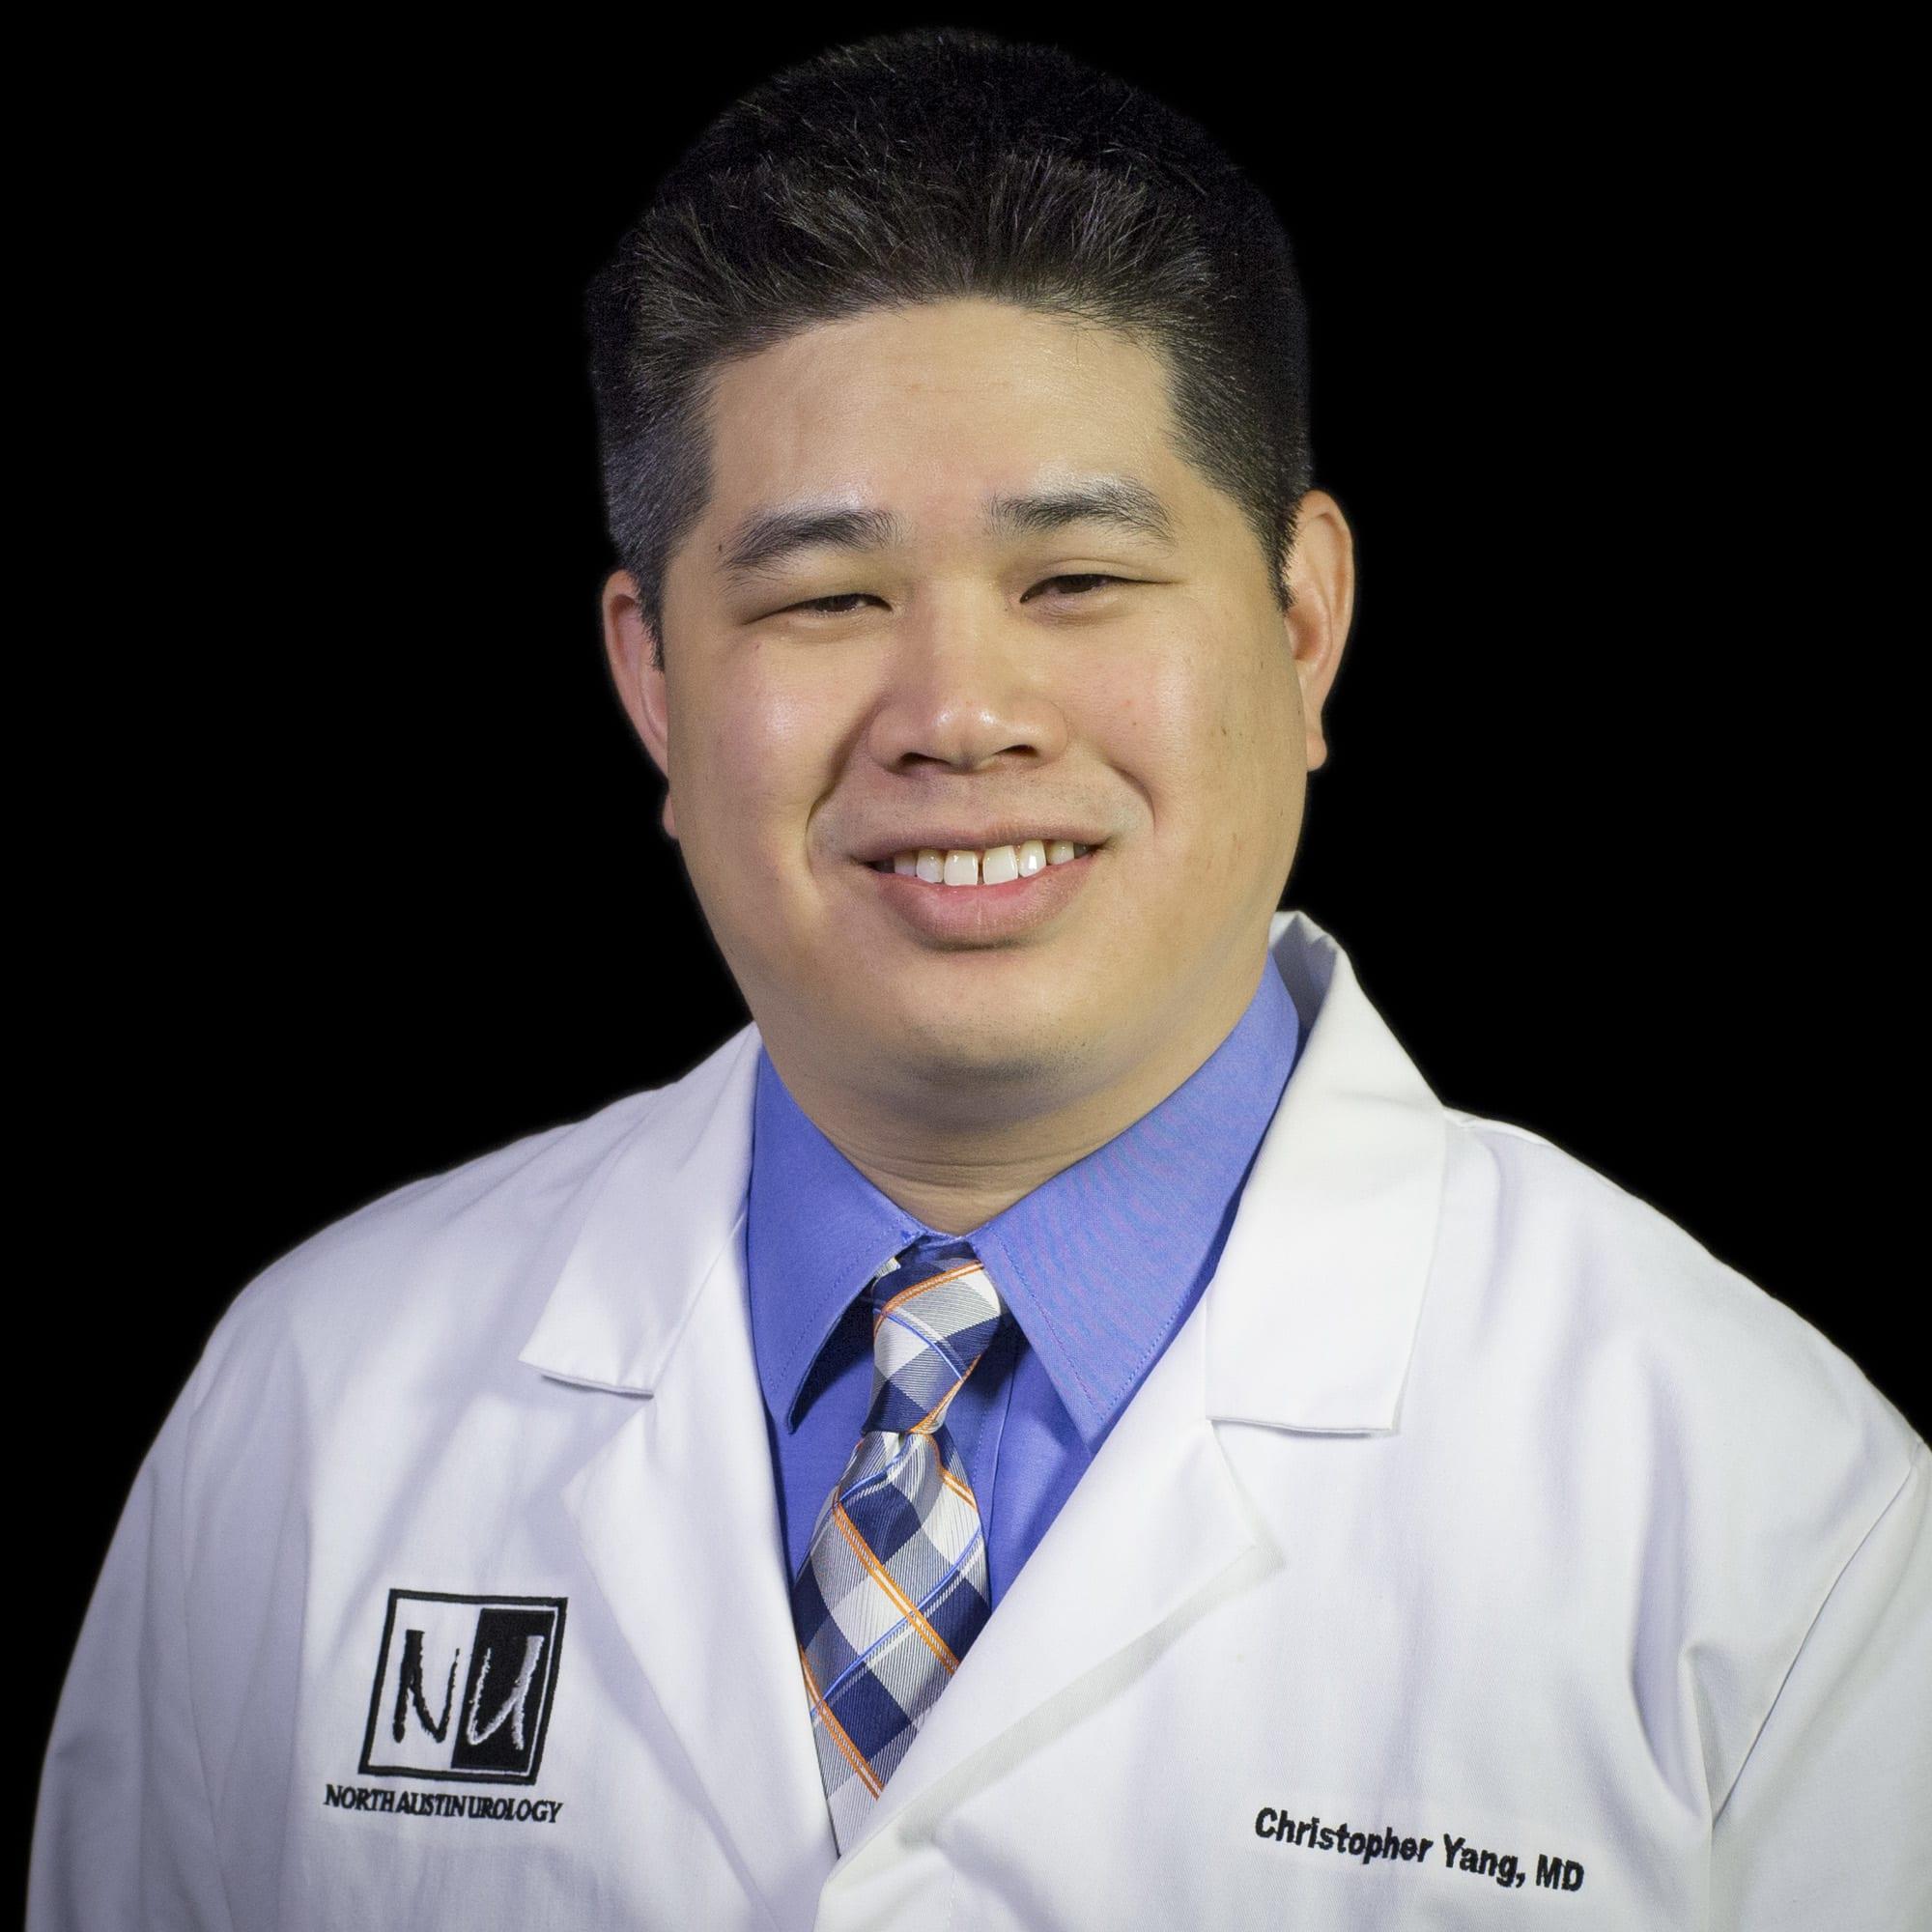 Dr. Christopher Yang MD